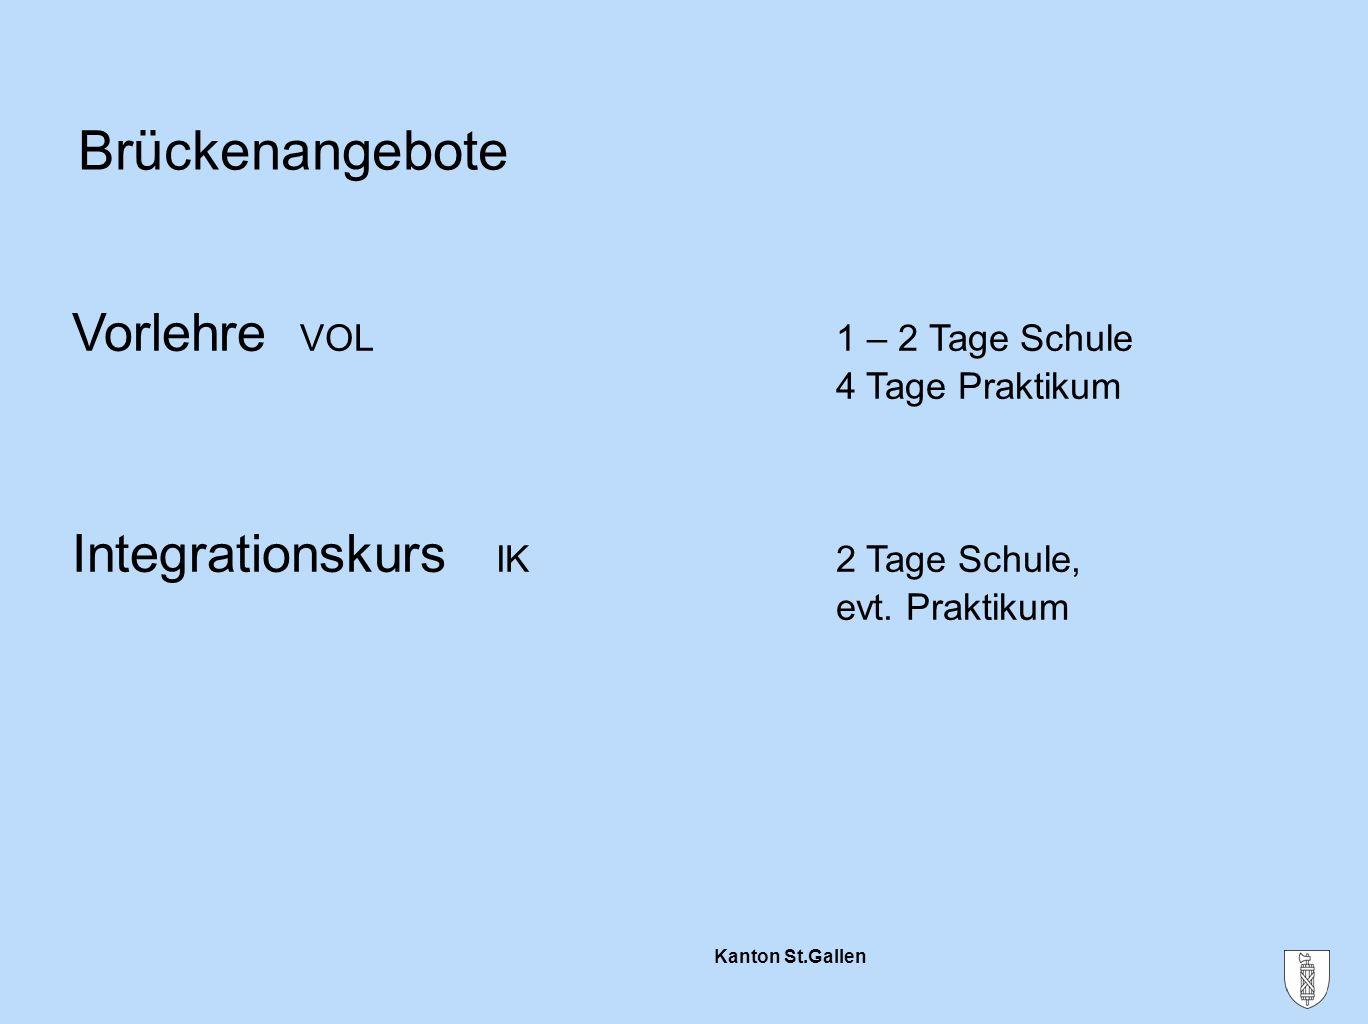 Kanton St.Gallen Brückenangebote Vorlehre VOL 1 – 2 Tage Schule 4 Tage Praktikum Integrationskurs IK 2 Tage Schule, evt. Praktikum